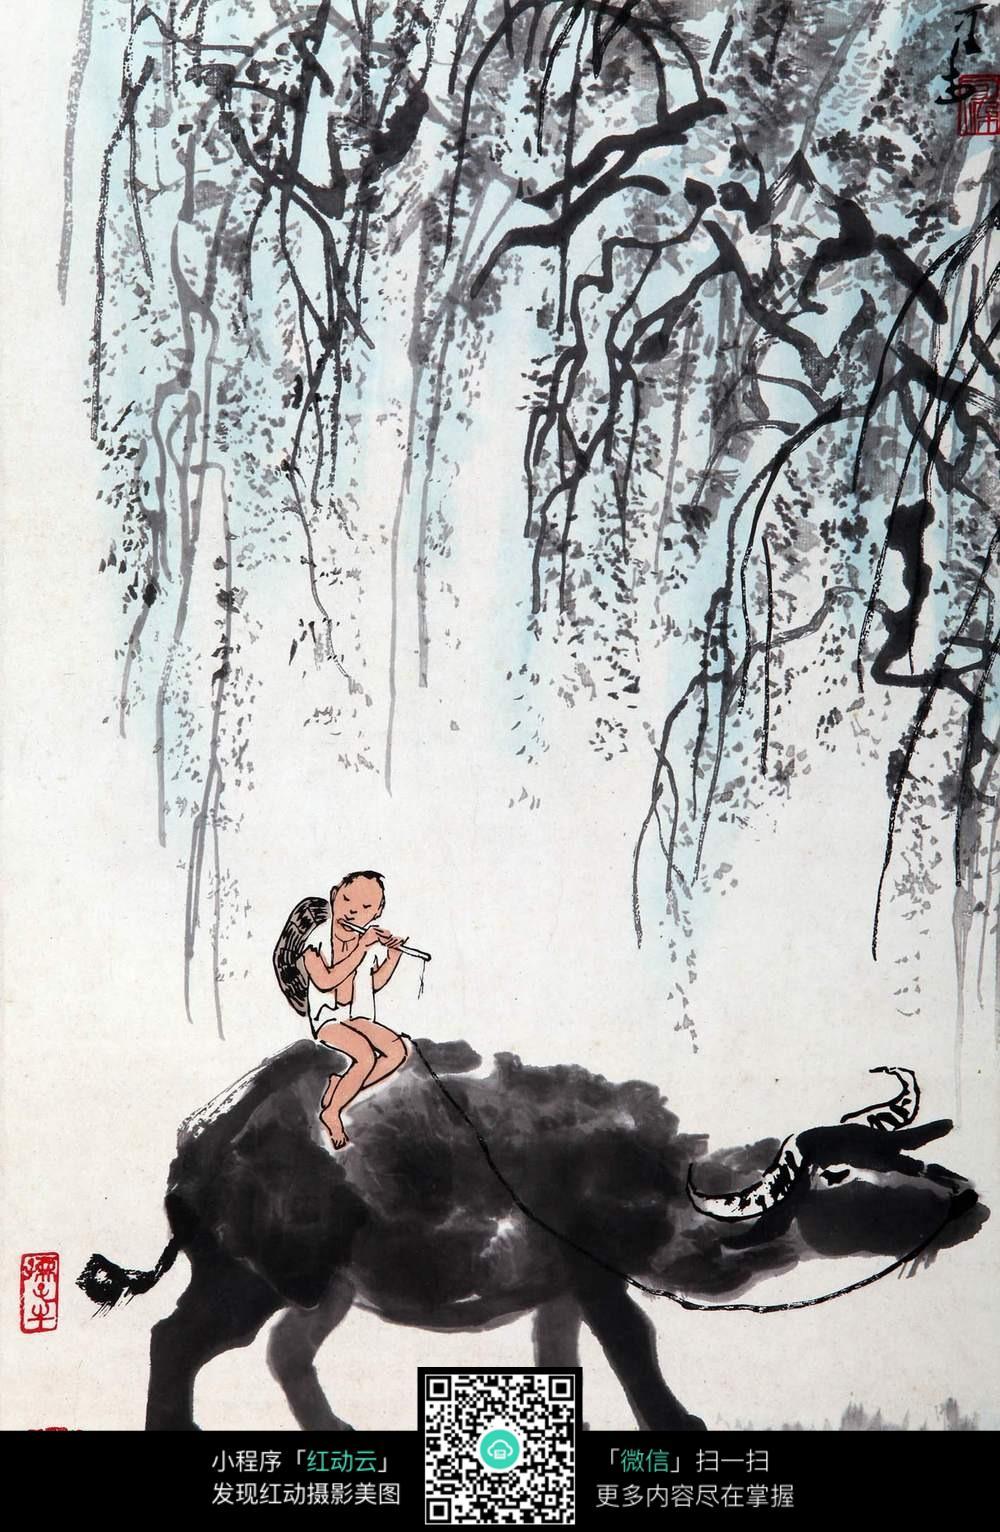 典中国风牧牛童书画图片 书画文字图片